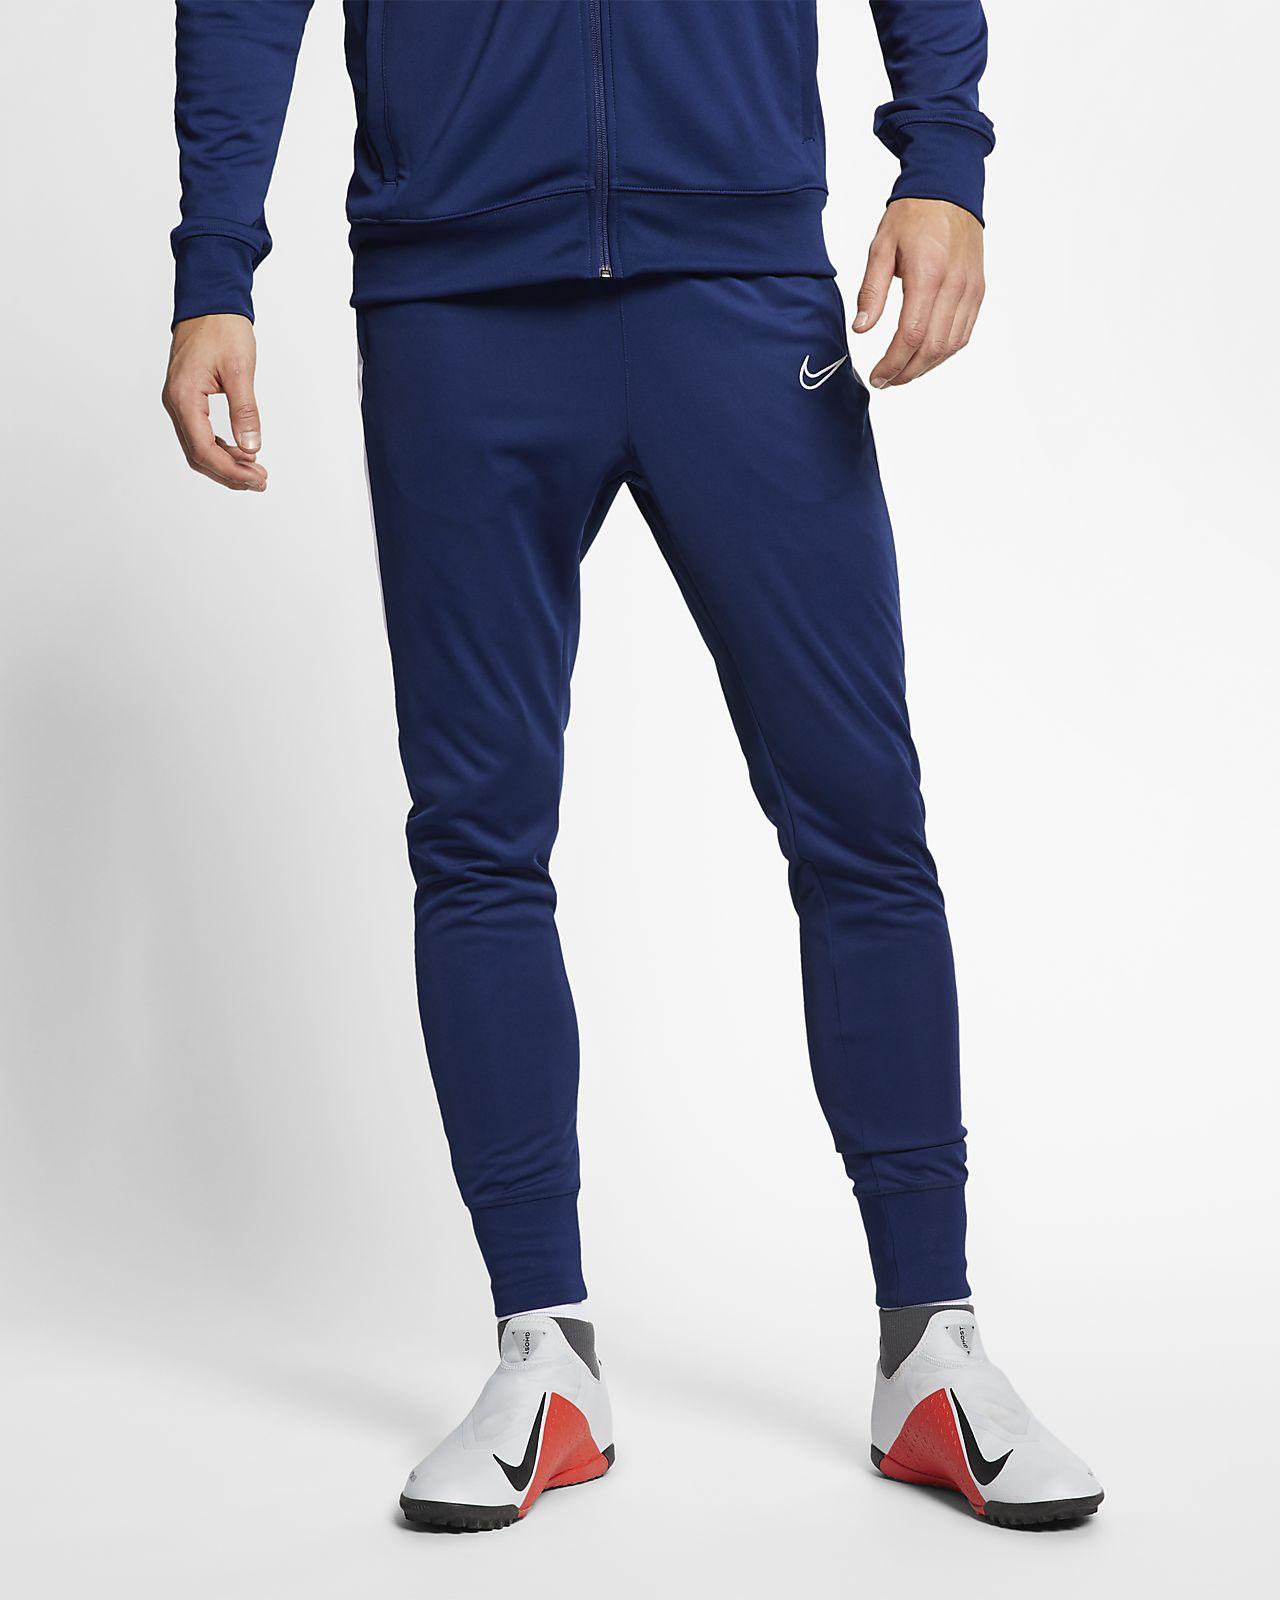 9be8e339fc Nike Dri-FIT Academy Men's Soccer Pants. Nike.com